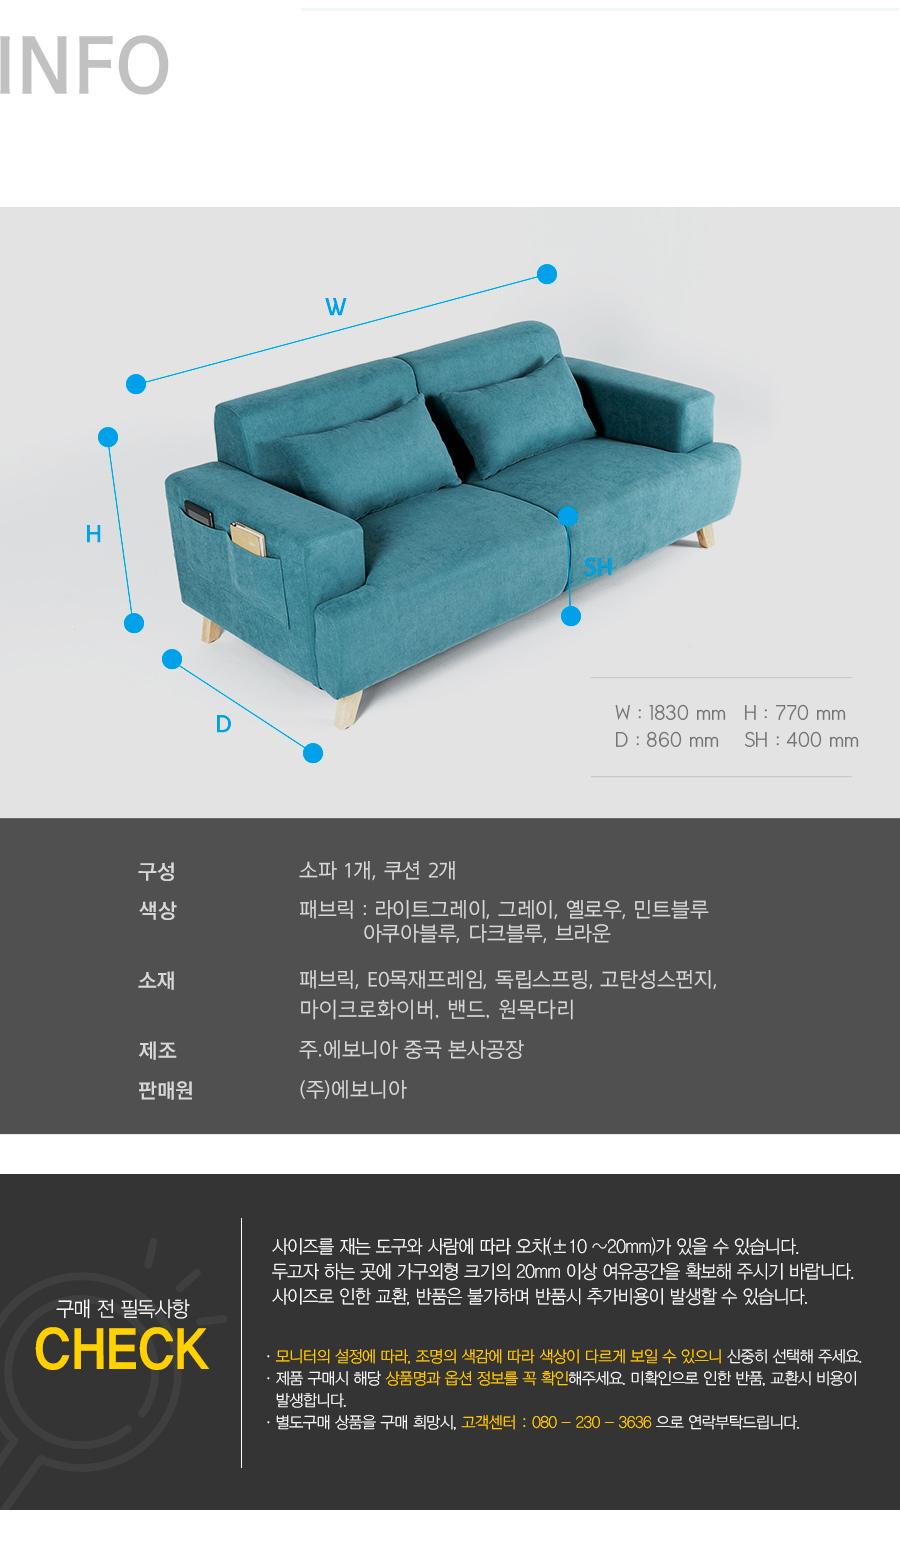 info_rugen_op_st.jpg